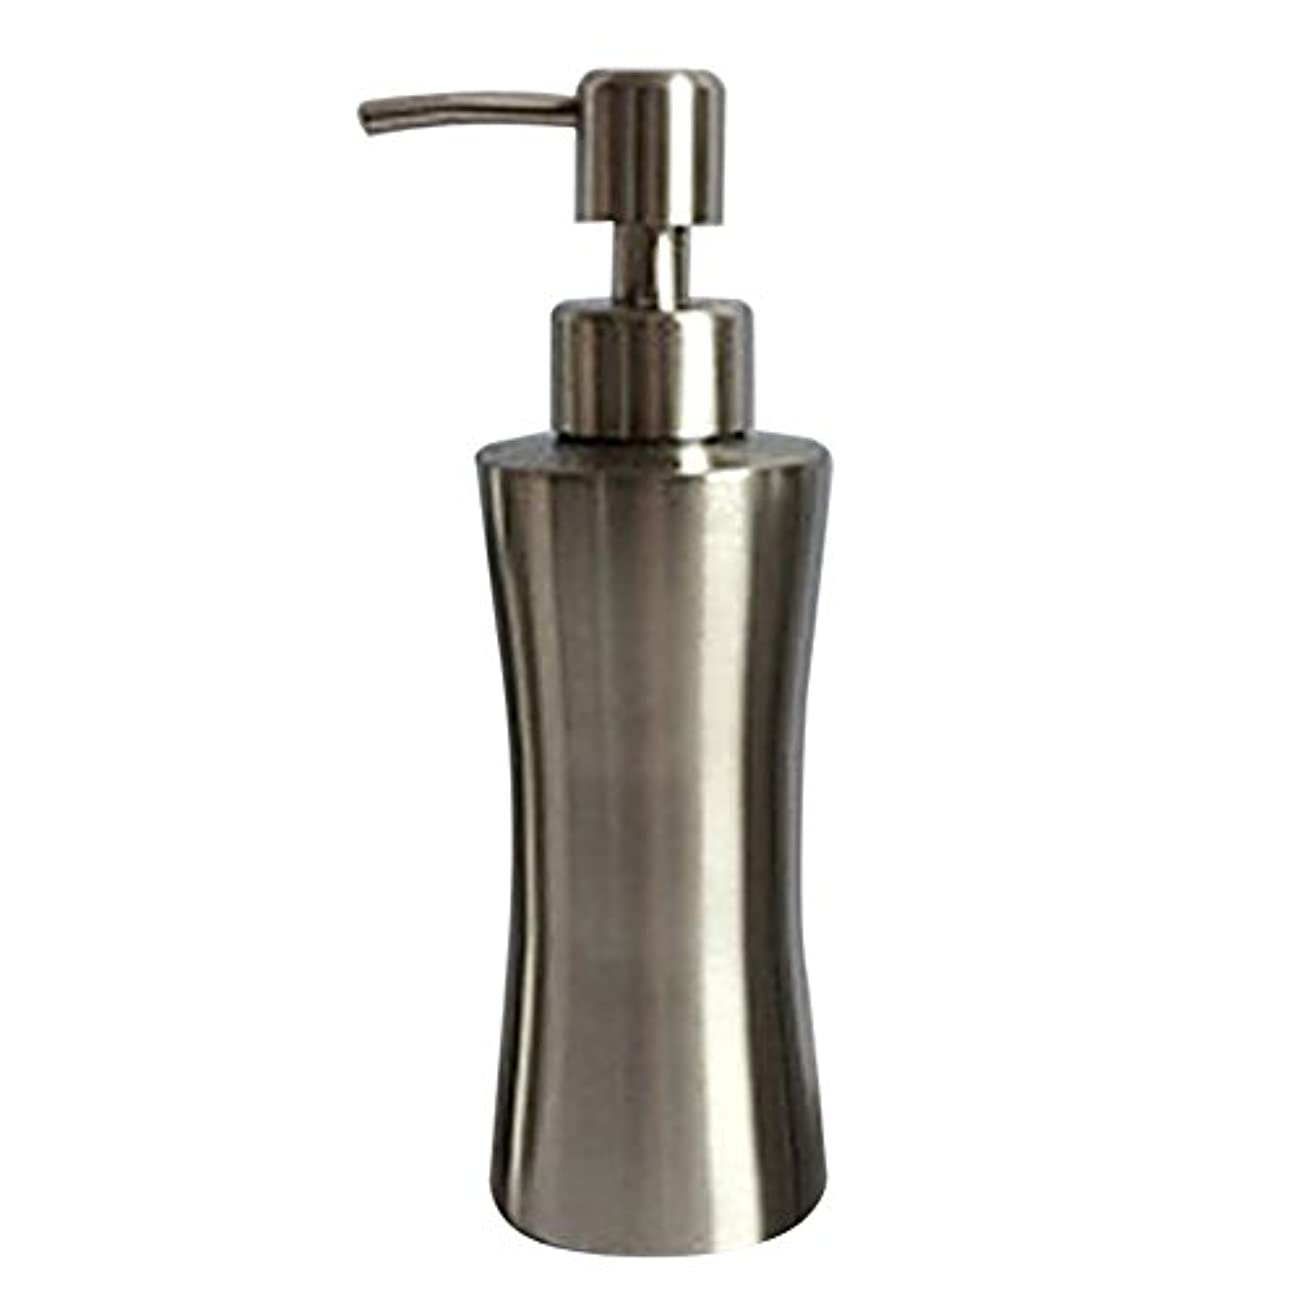 変える包囲チョコレートディスペンサー ステンレス ボトル 容器 ソープ 石鹸 シャンプー 手洗いボトル 耐久性 錆びない 220ml/250ml/400ml (B:250ml)